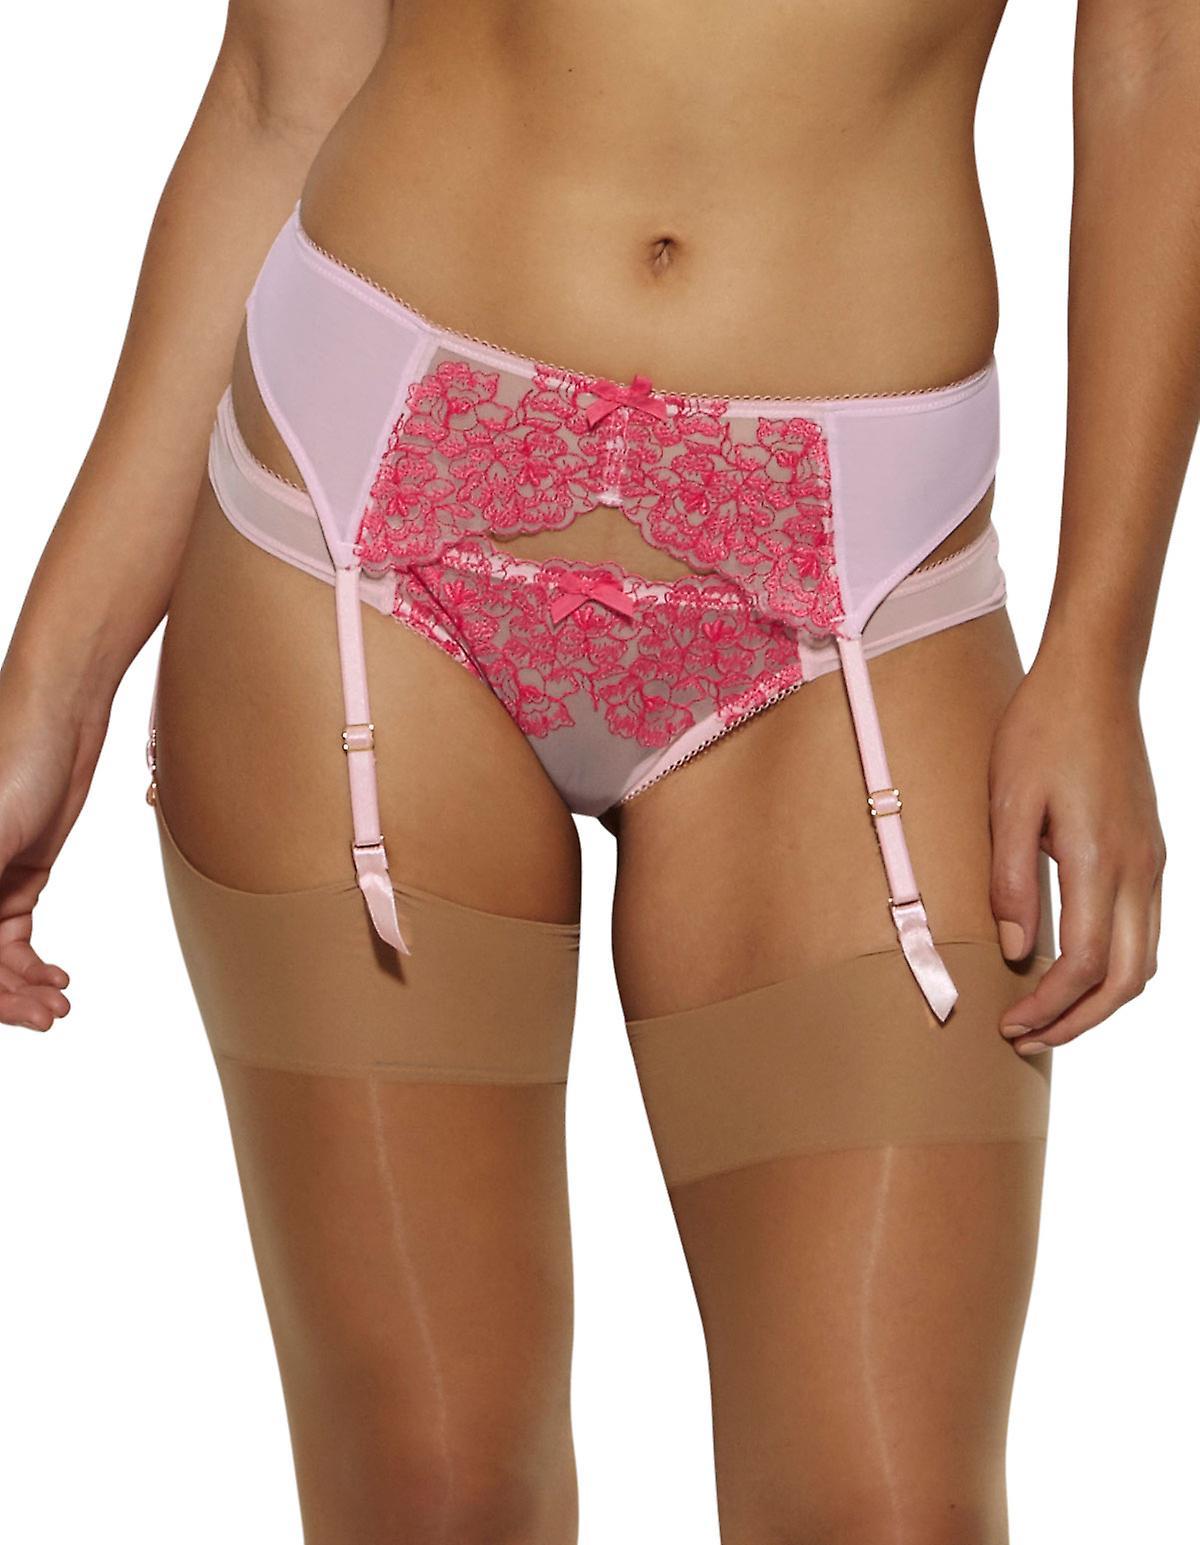 اللون جوسارد 14402 المرأة الصدام الرباط مطرزة الأزهار الوردية قبله التوت حزام حزام سوسبيندير